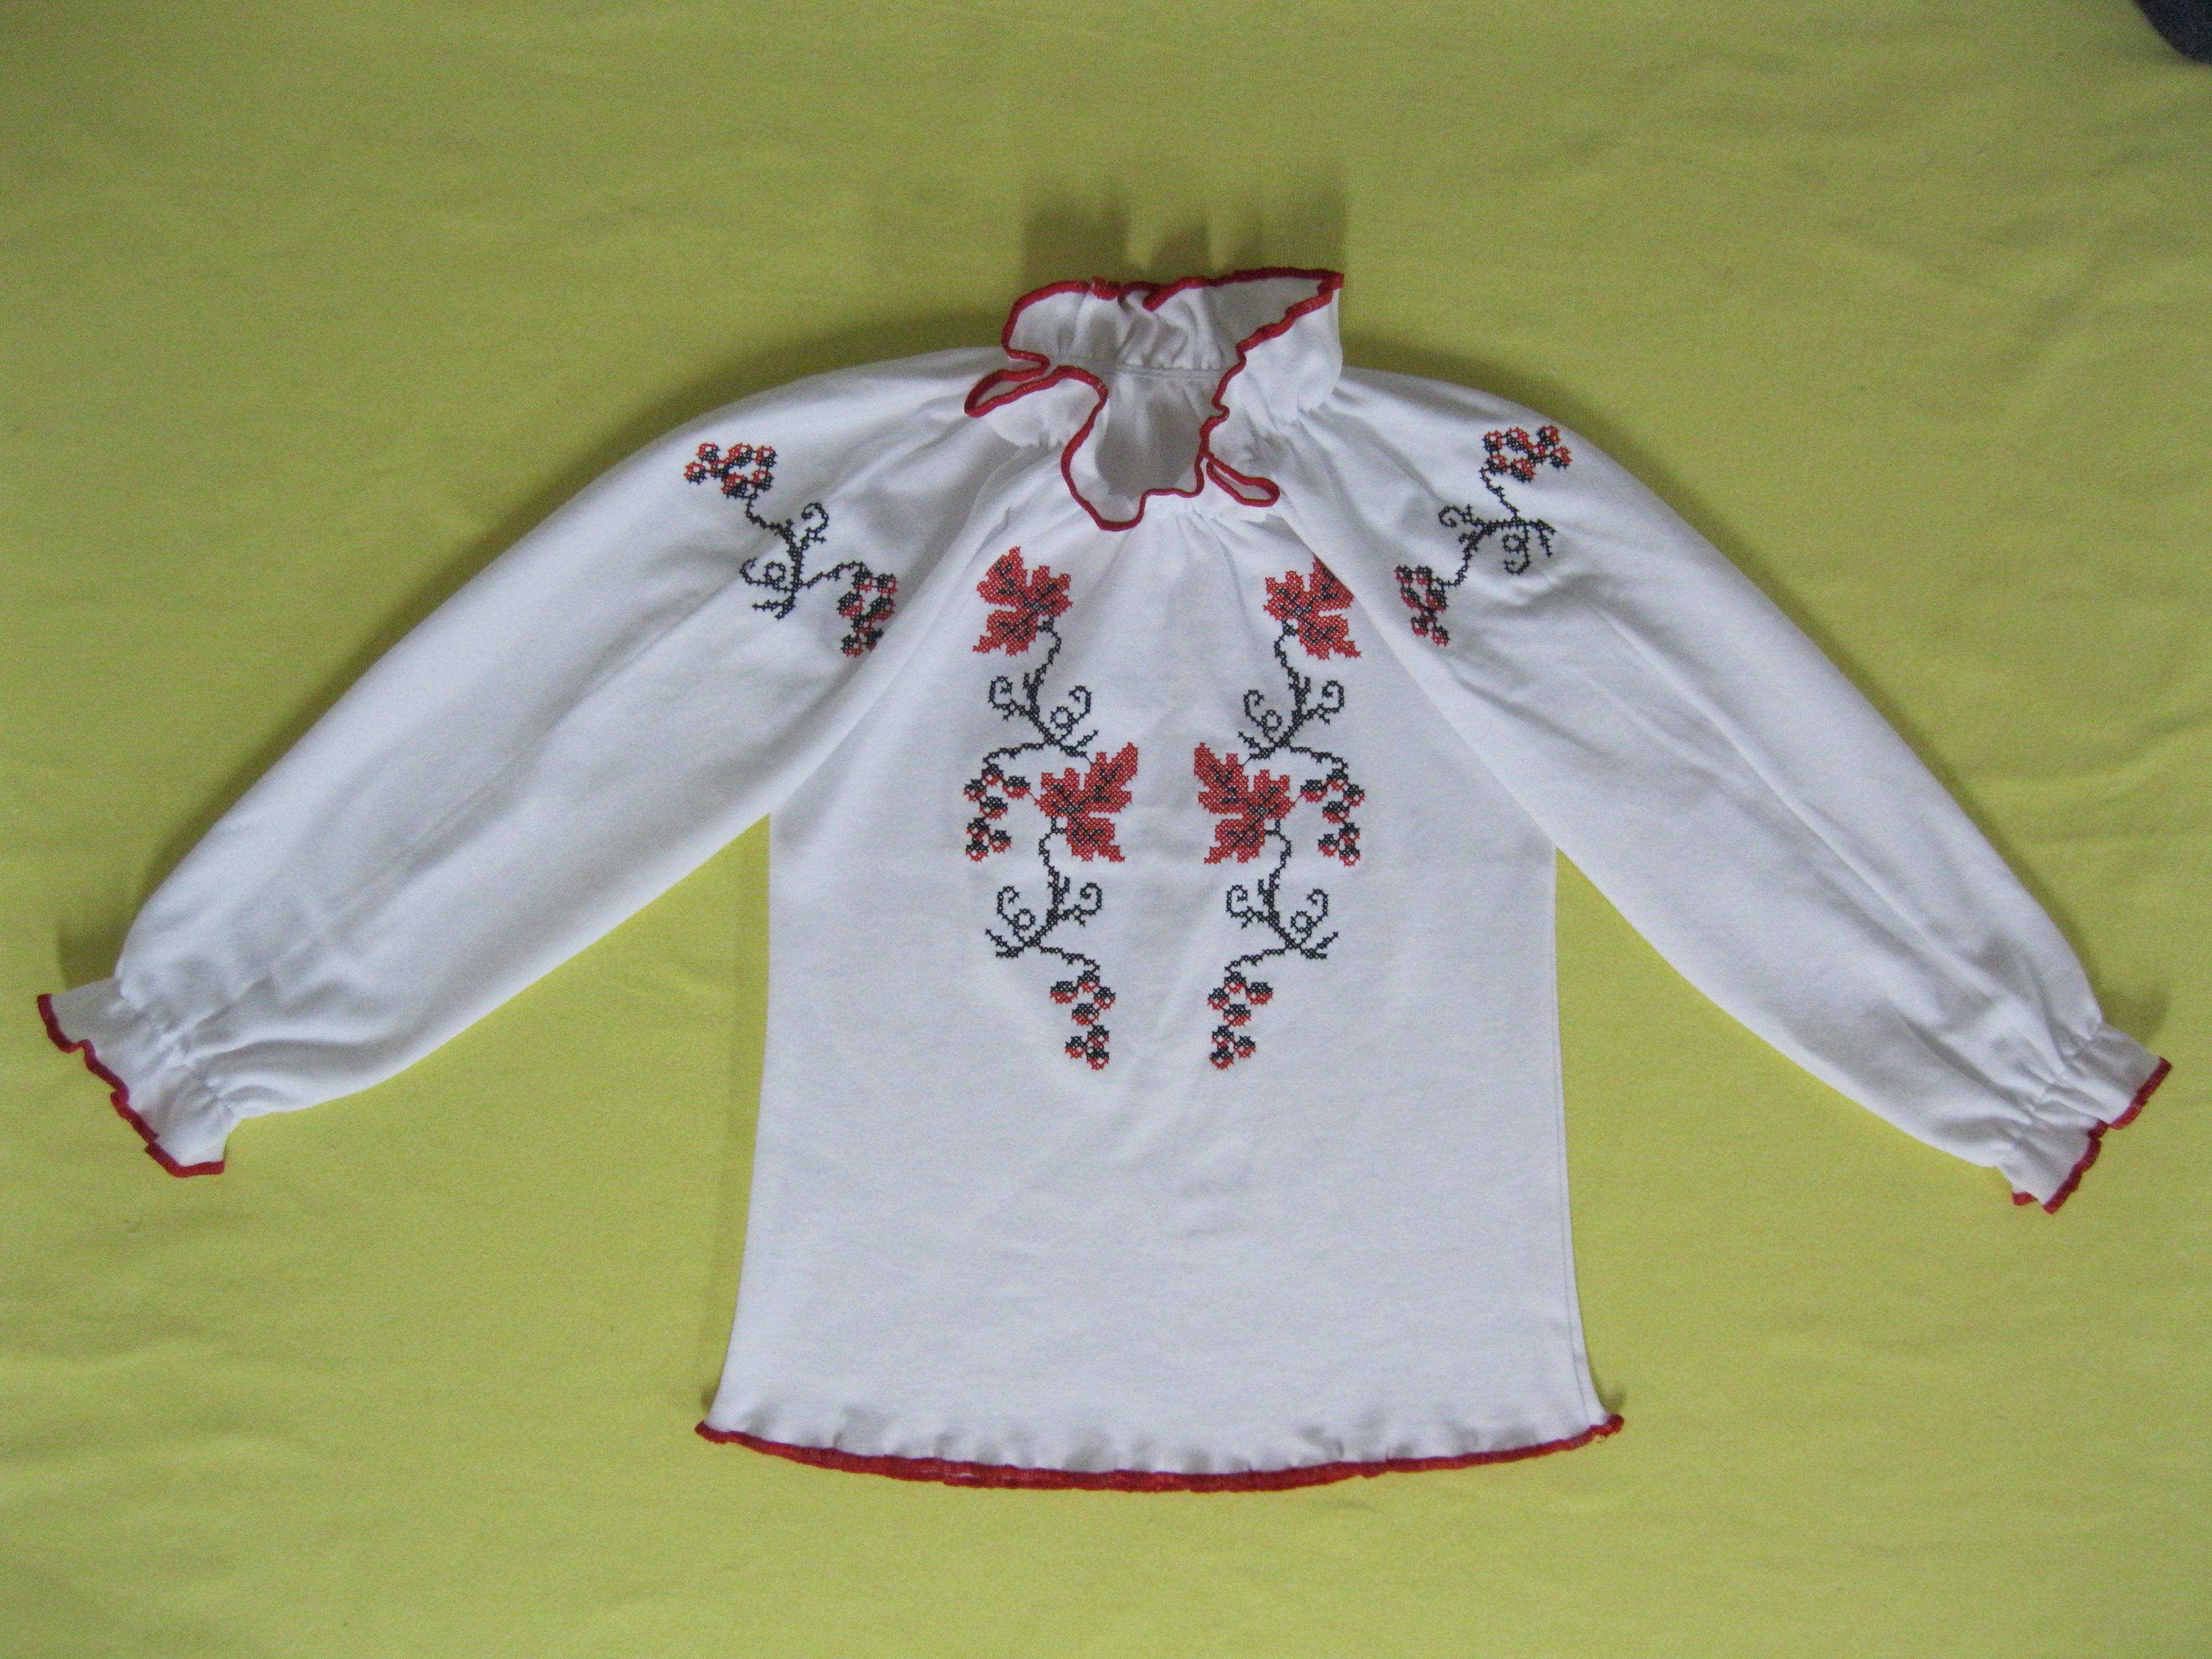 Оригінальні дитячі вишиванки оптом  Оригинальные детские вышиванки оптом d25ac2951e2c0